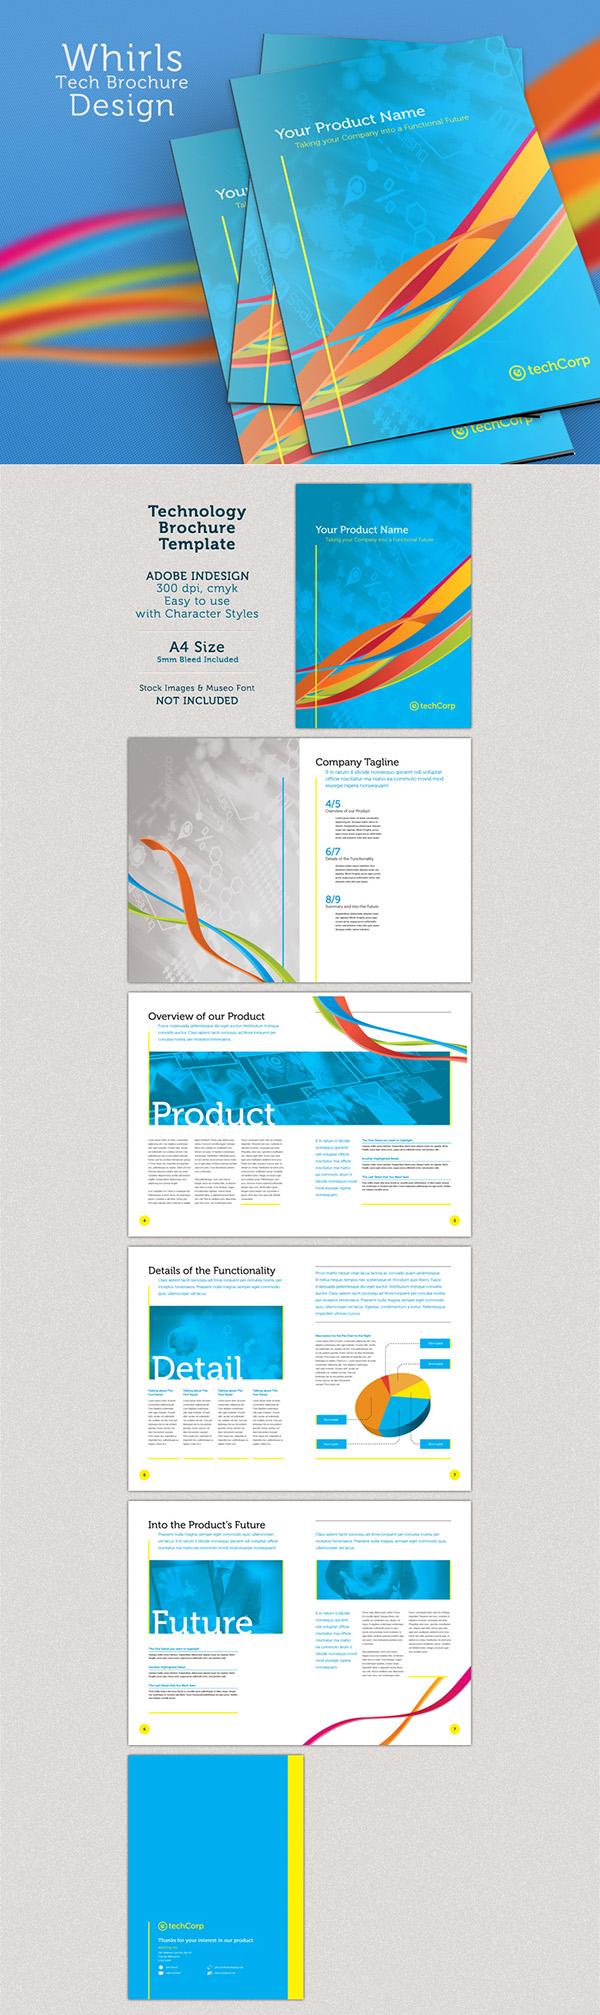 technology brochure template - whirls technology a4 brochure template on behance